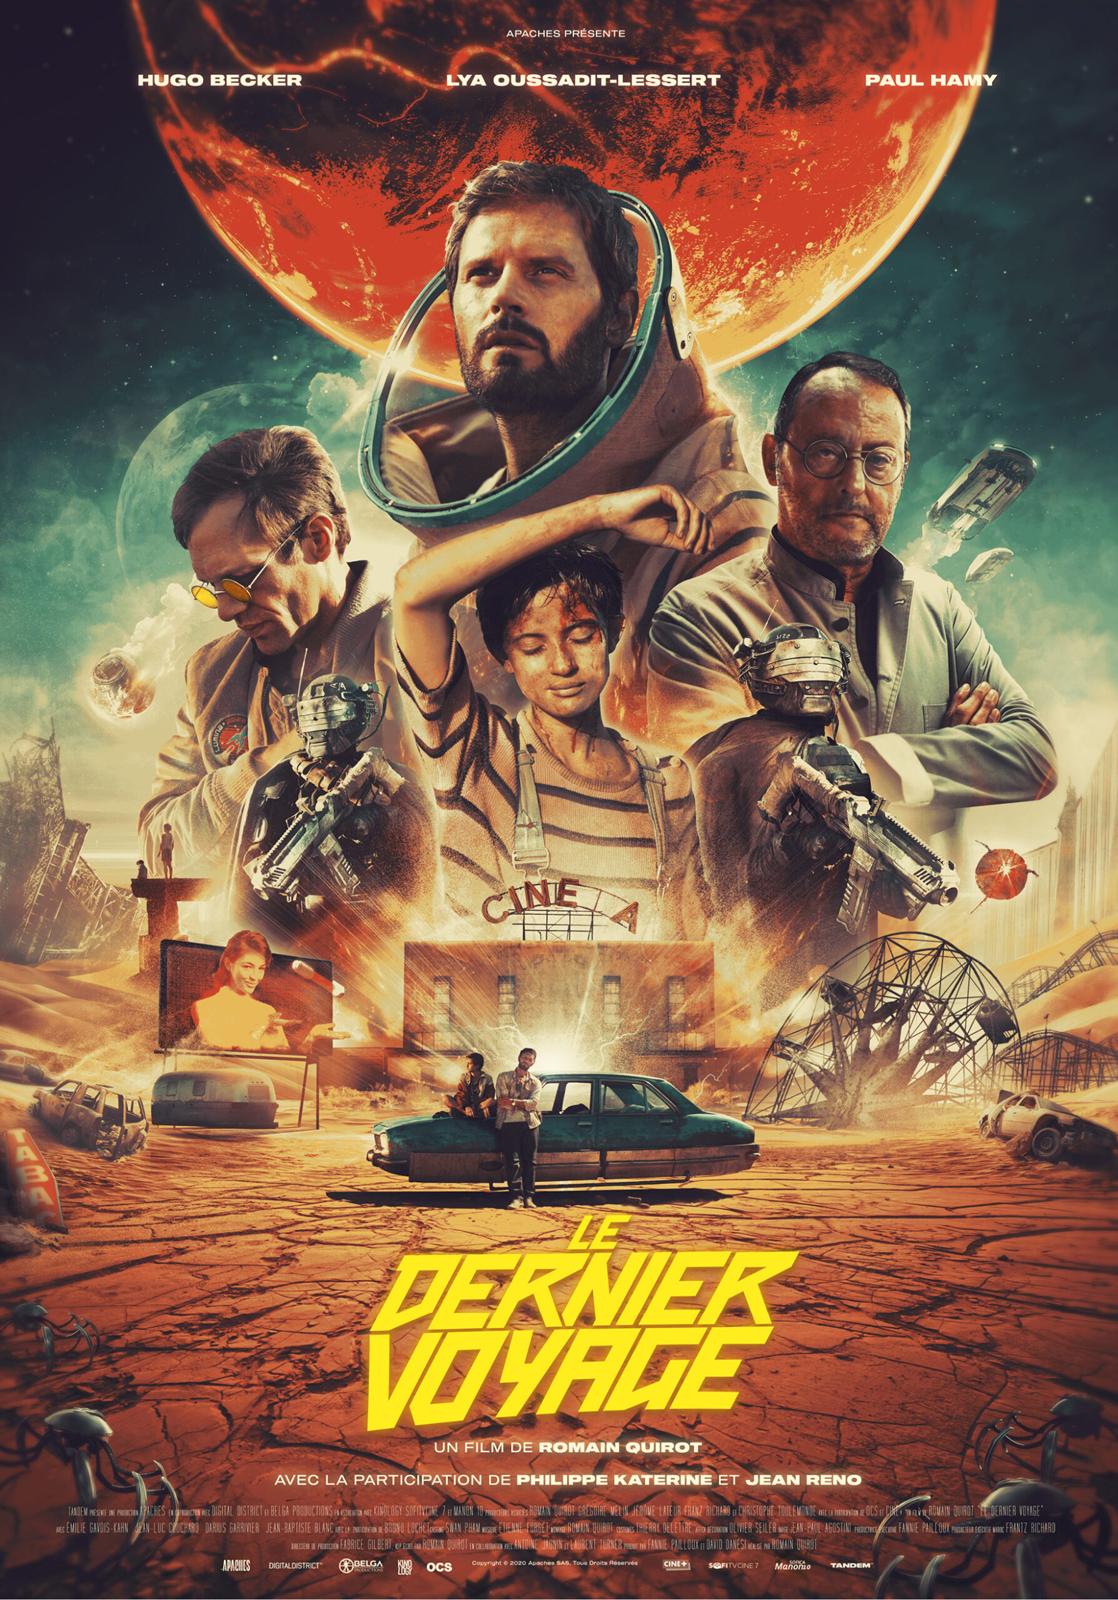 """Film Kritik: """"Last Journey"""" erfreut mit positiven Elementen - lässt aber Beständigkeit vermissen"""